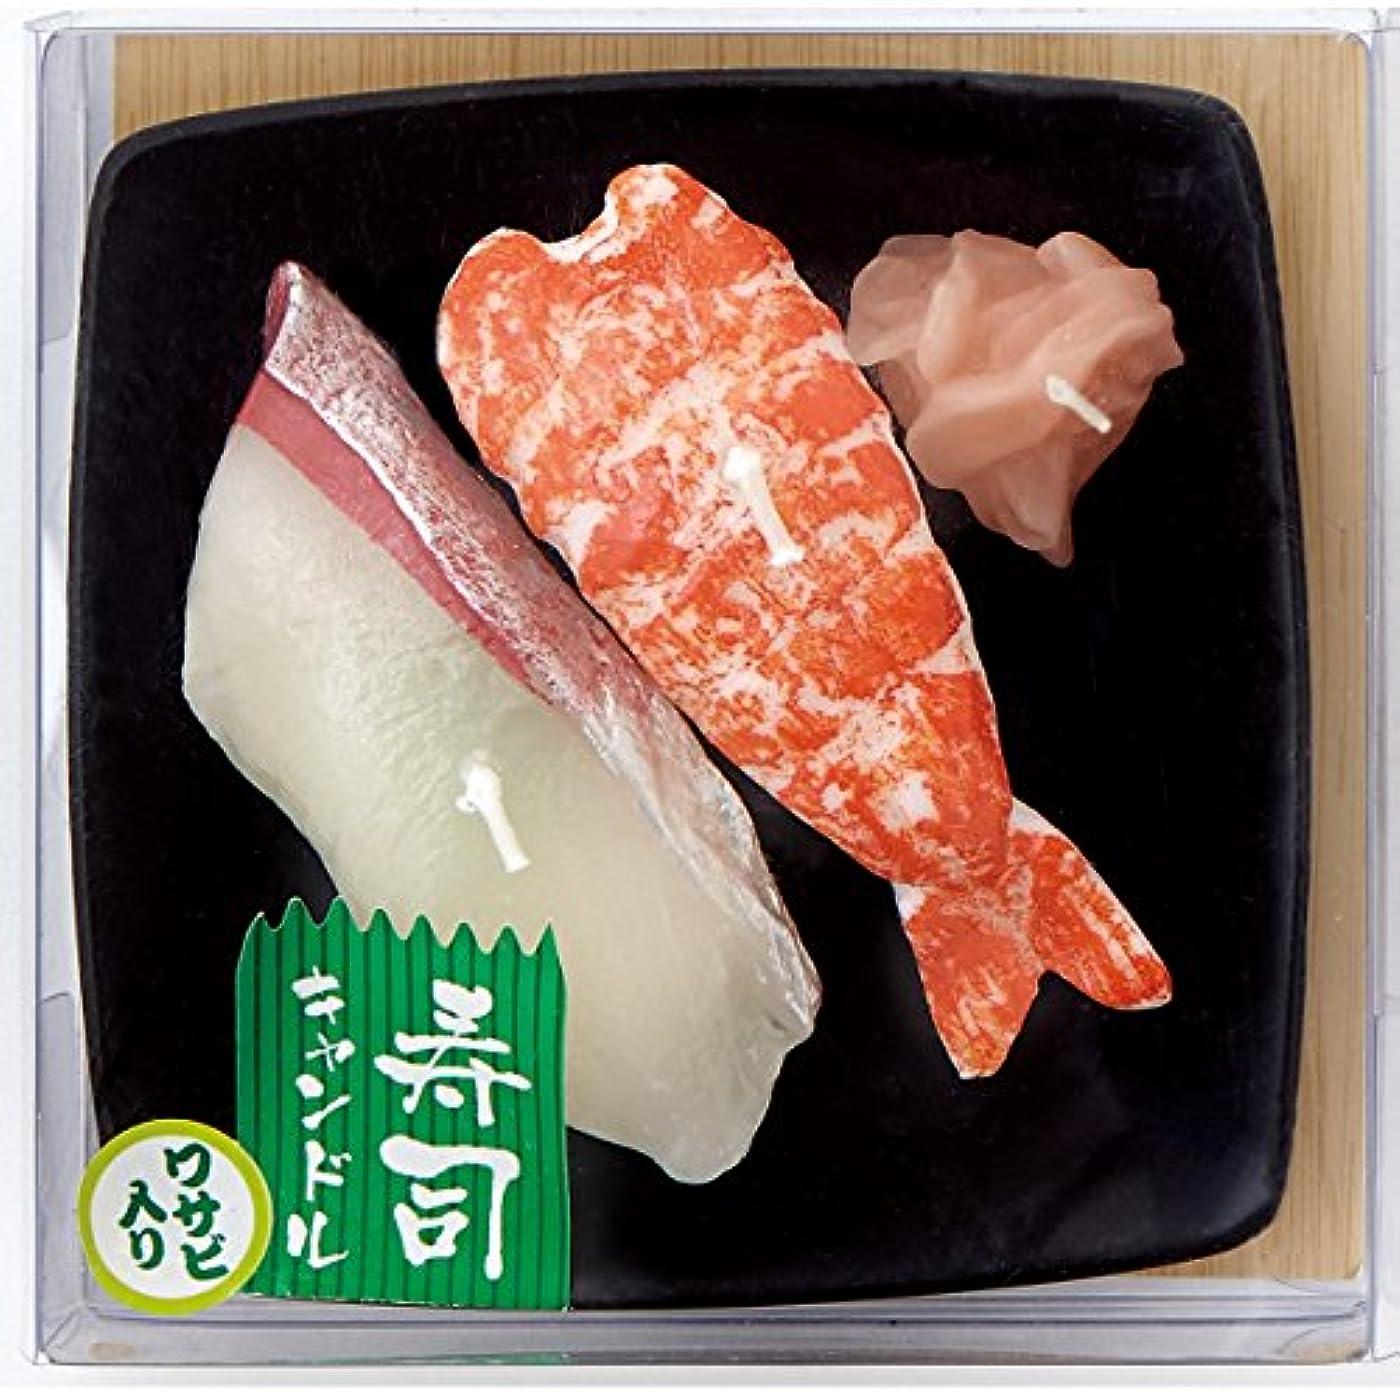 火炎肉屋ミンチ寿司キャンドル B(エビ?ハマチ) サビ入